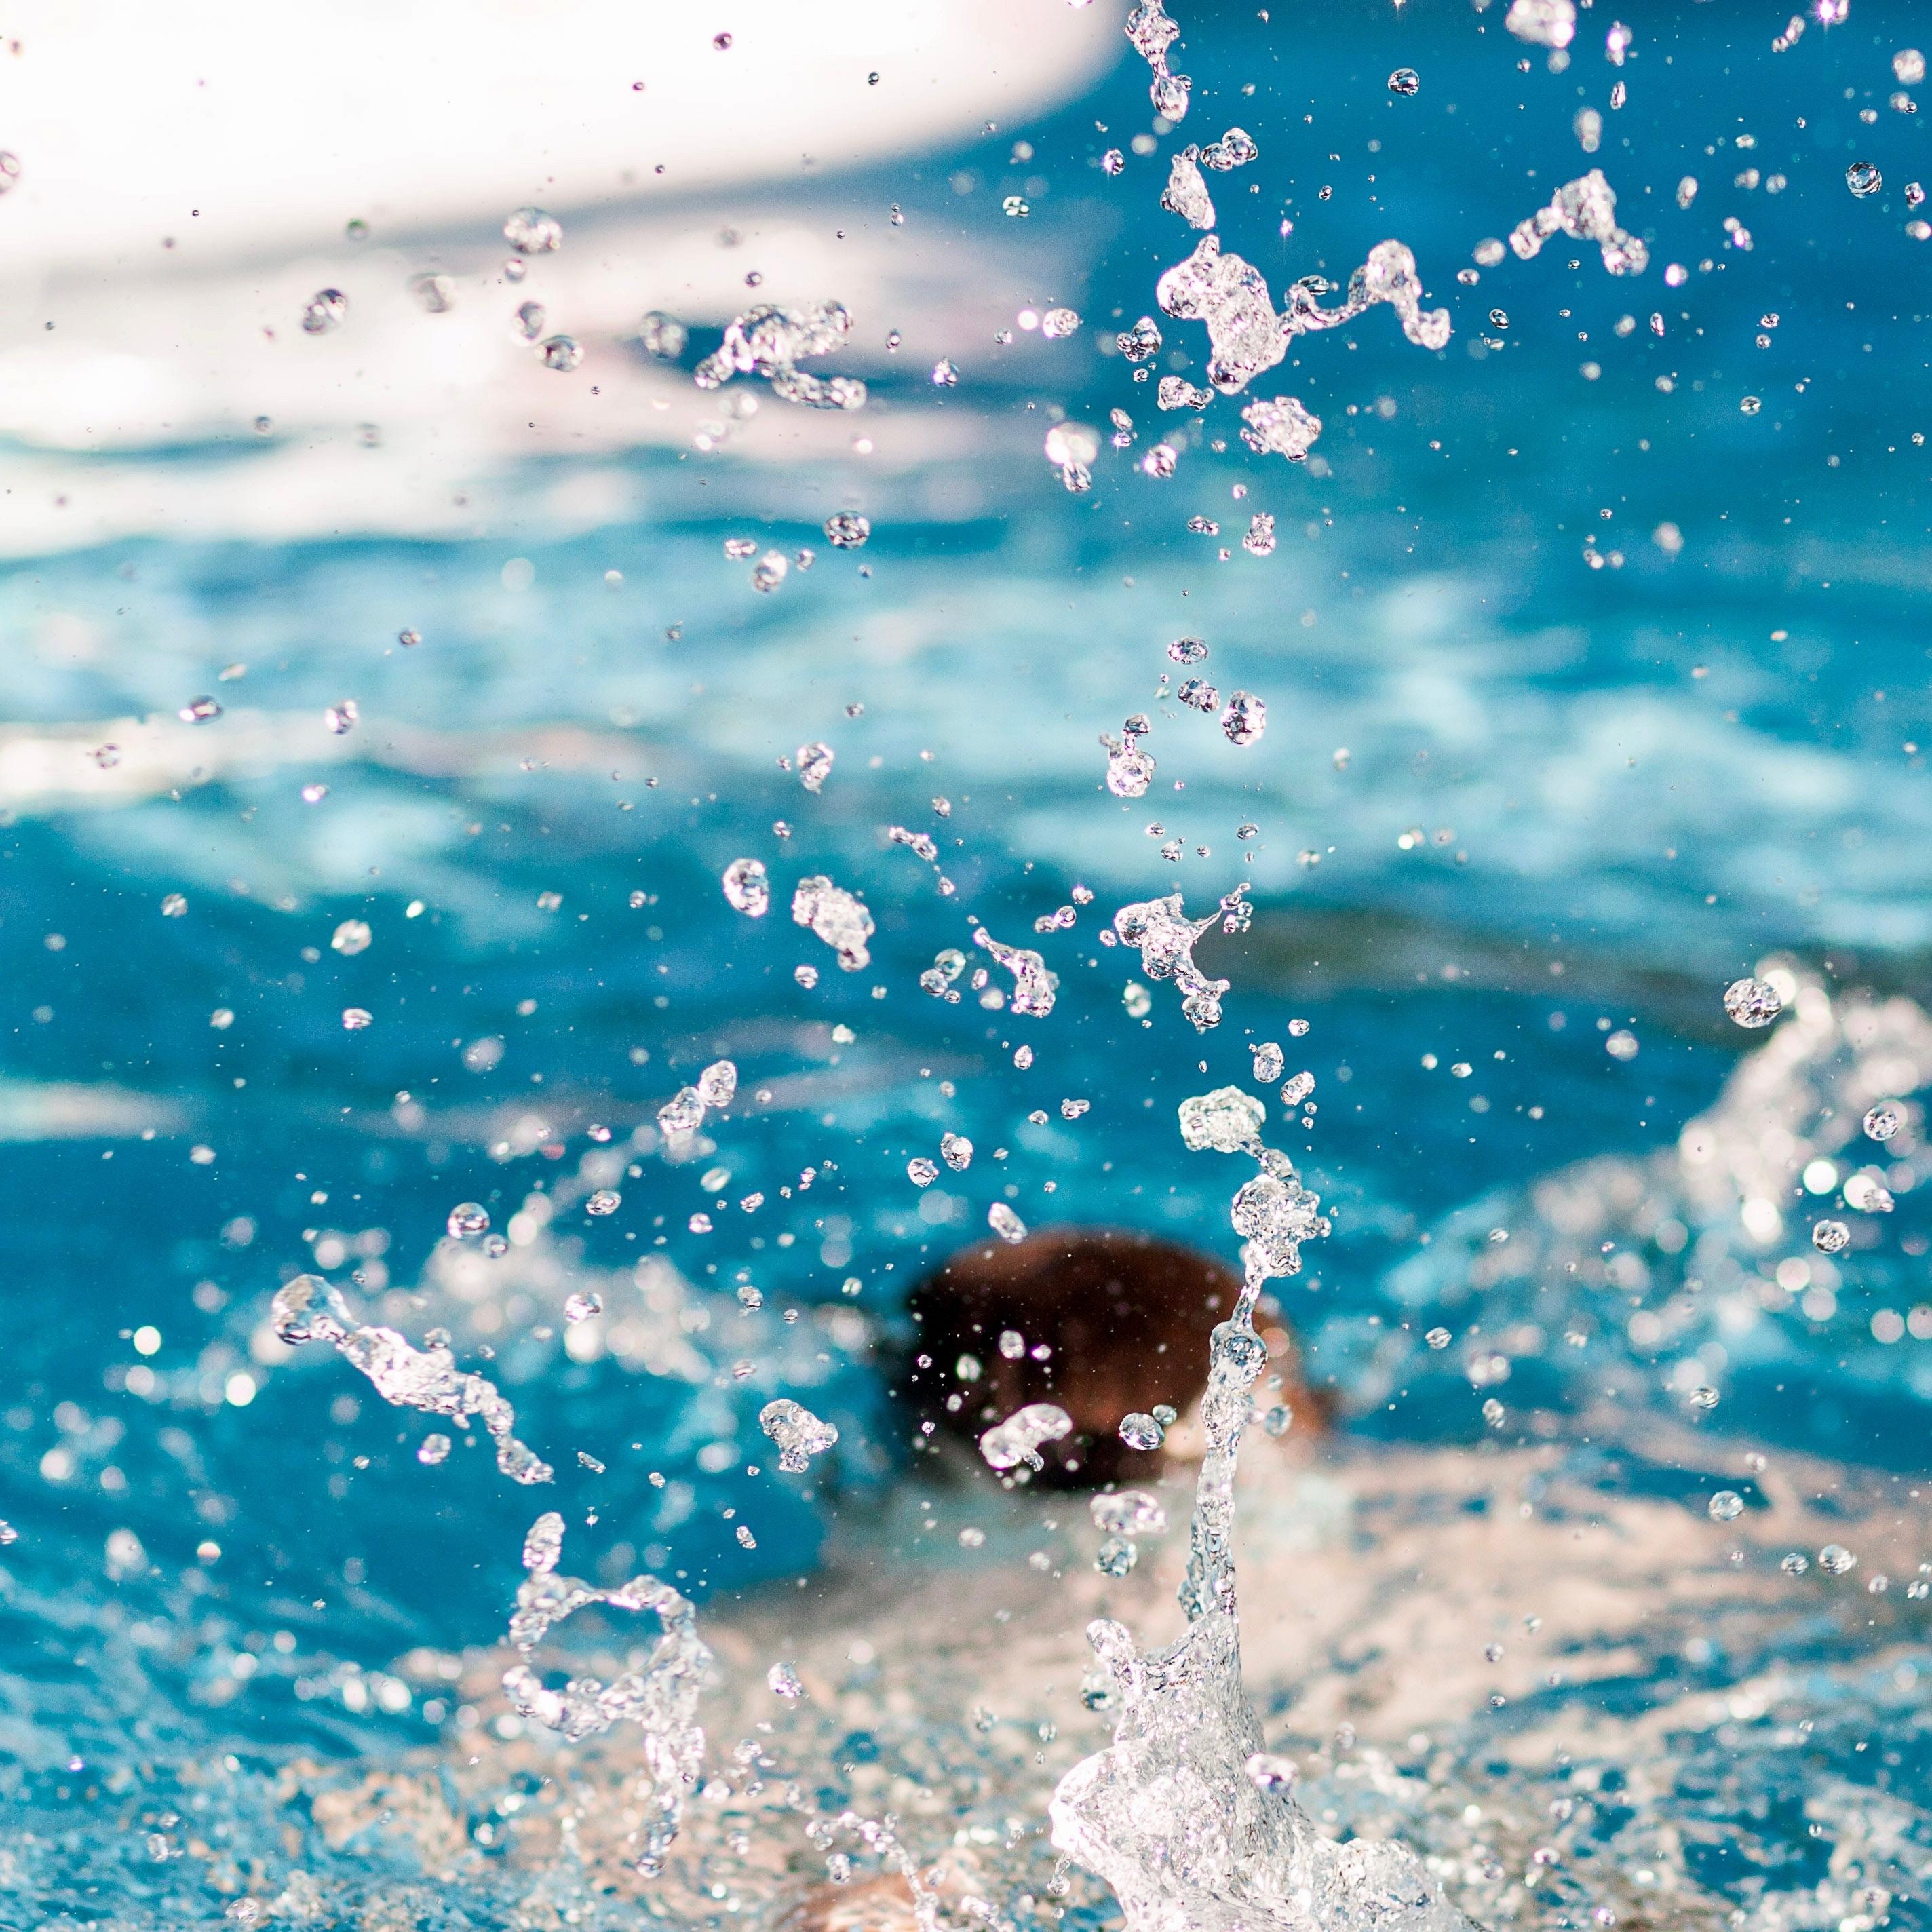 danskerne er vilde med svømmehallen (Foto: Unsplash)